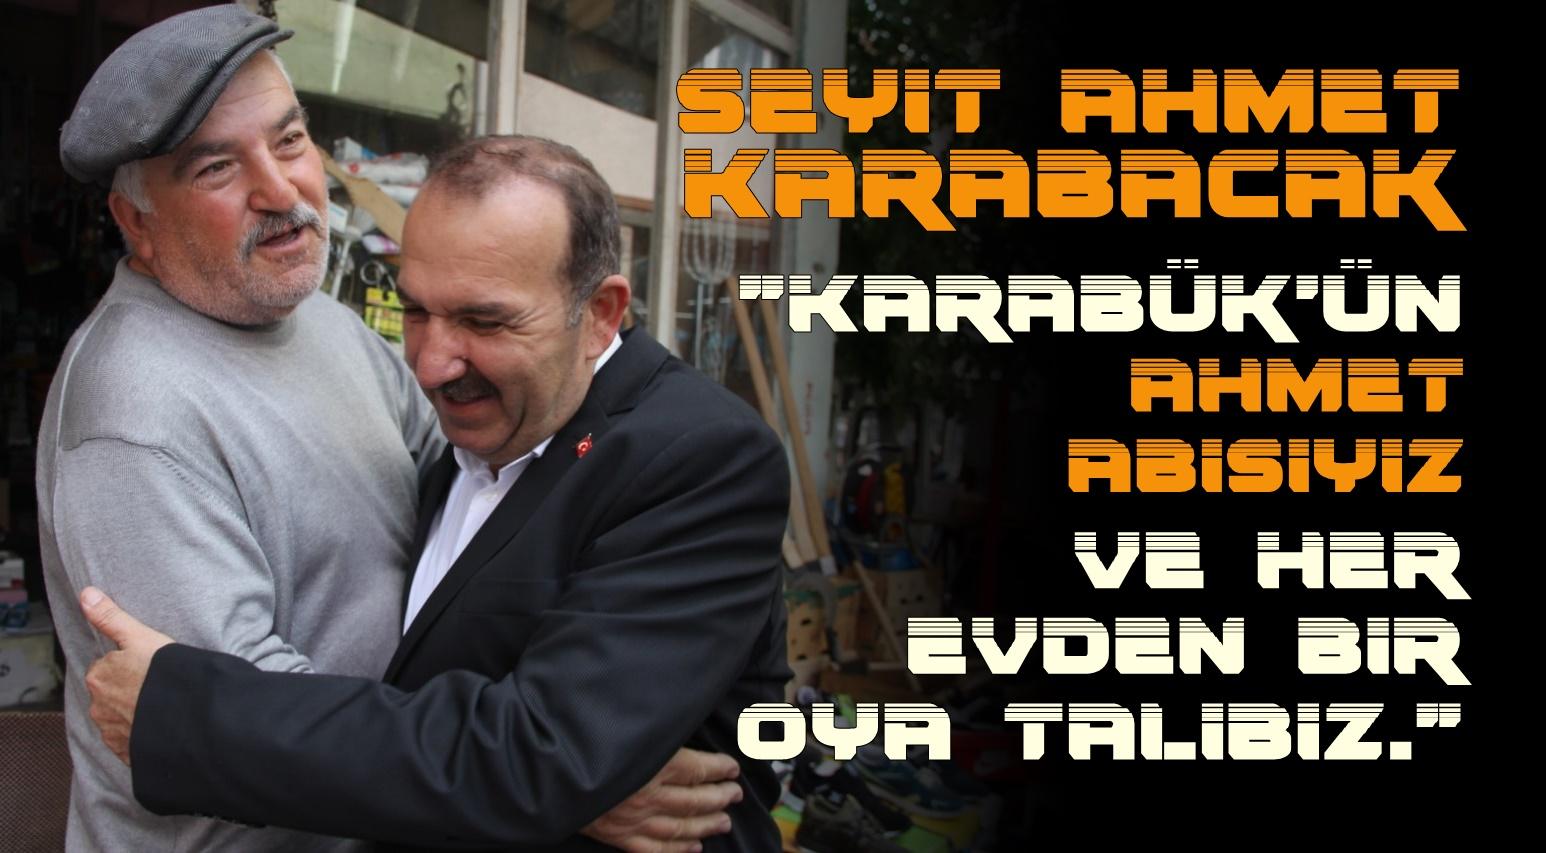 Karabacak